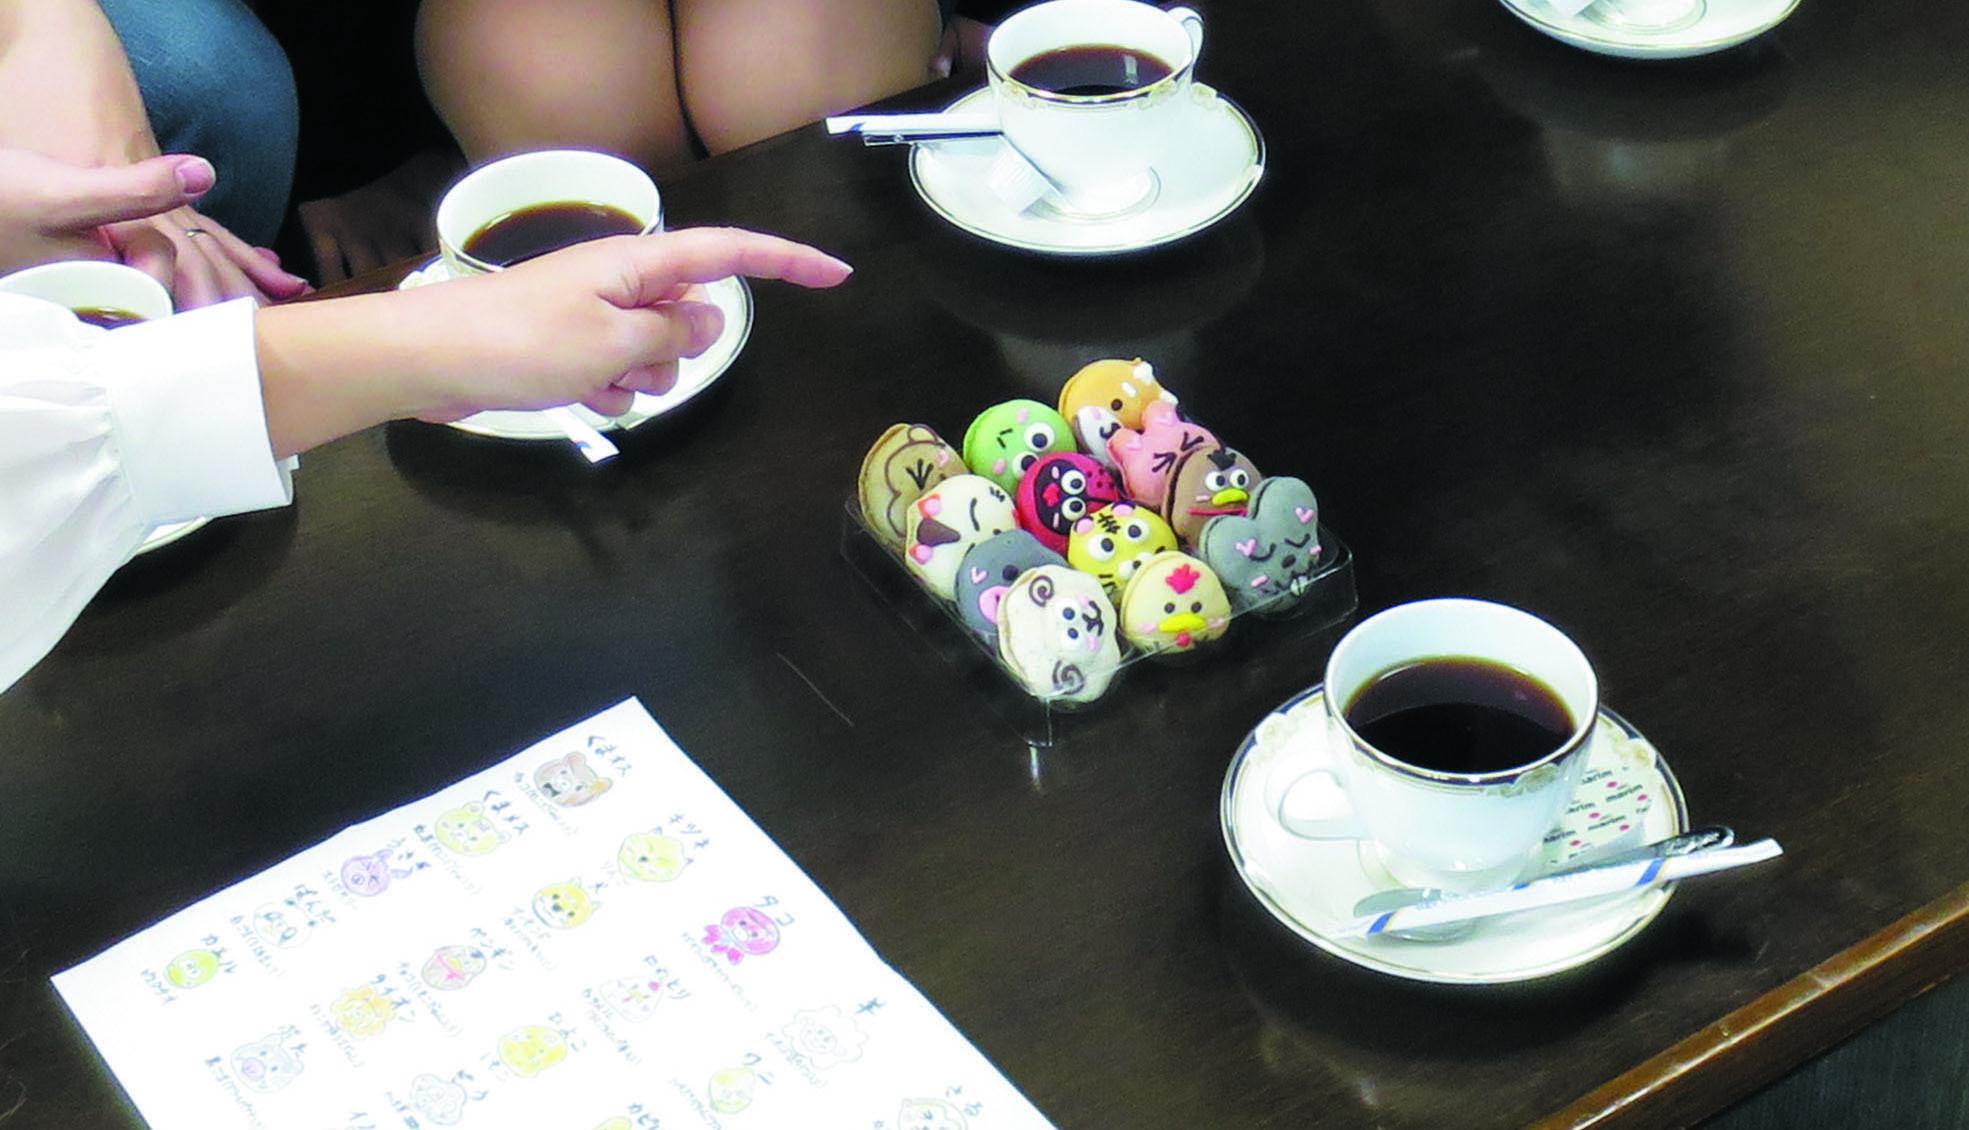 第1回 社長とお茶会を開催致しました。